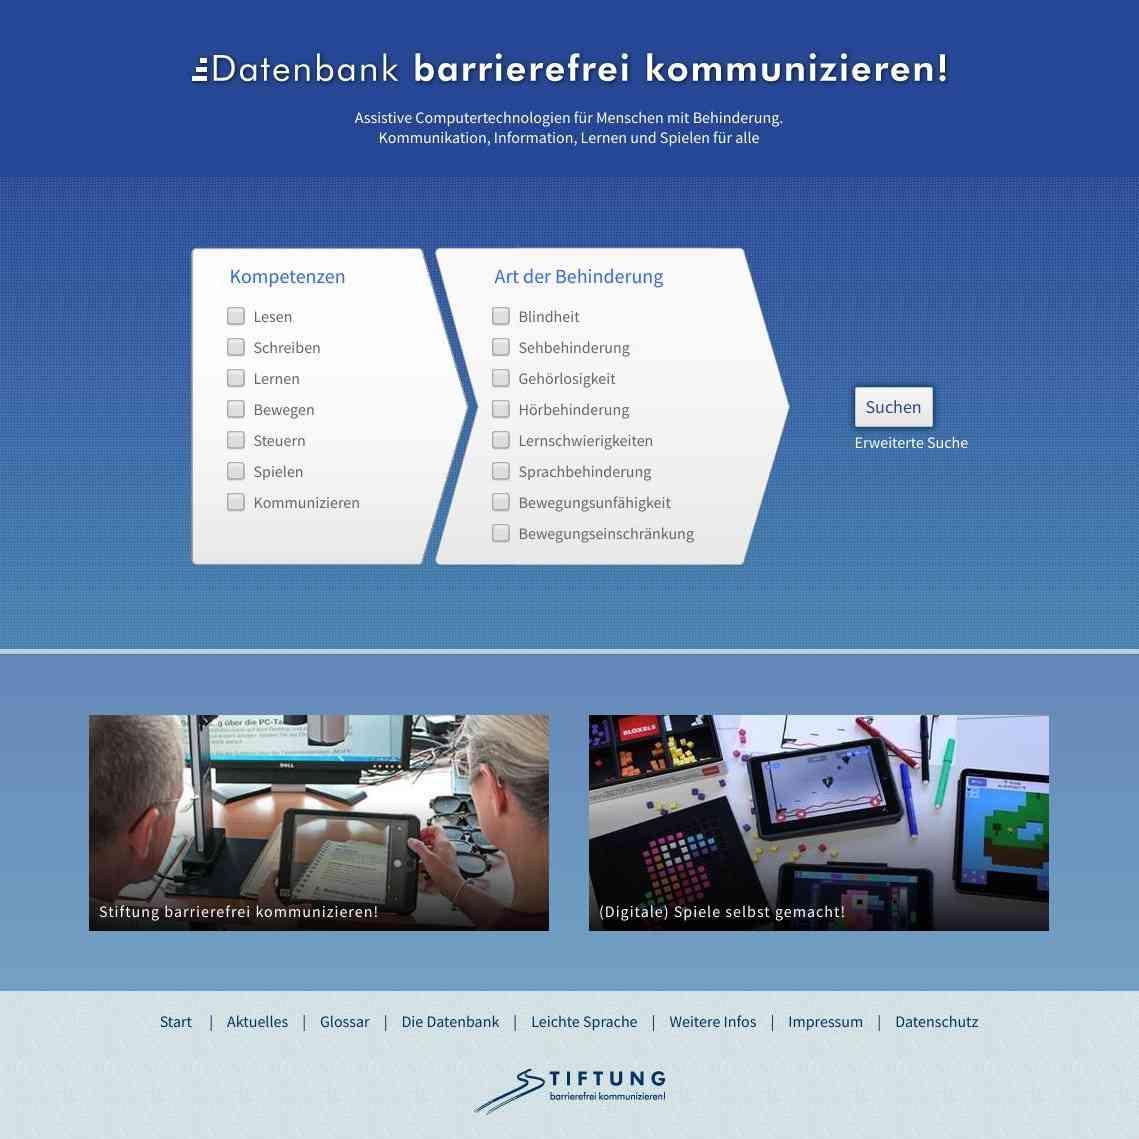 Datenbank barrierefrei kommunizieren!